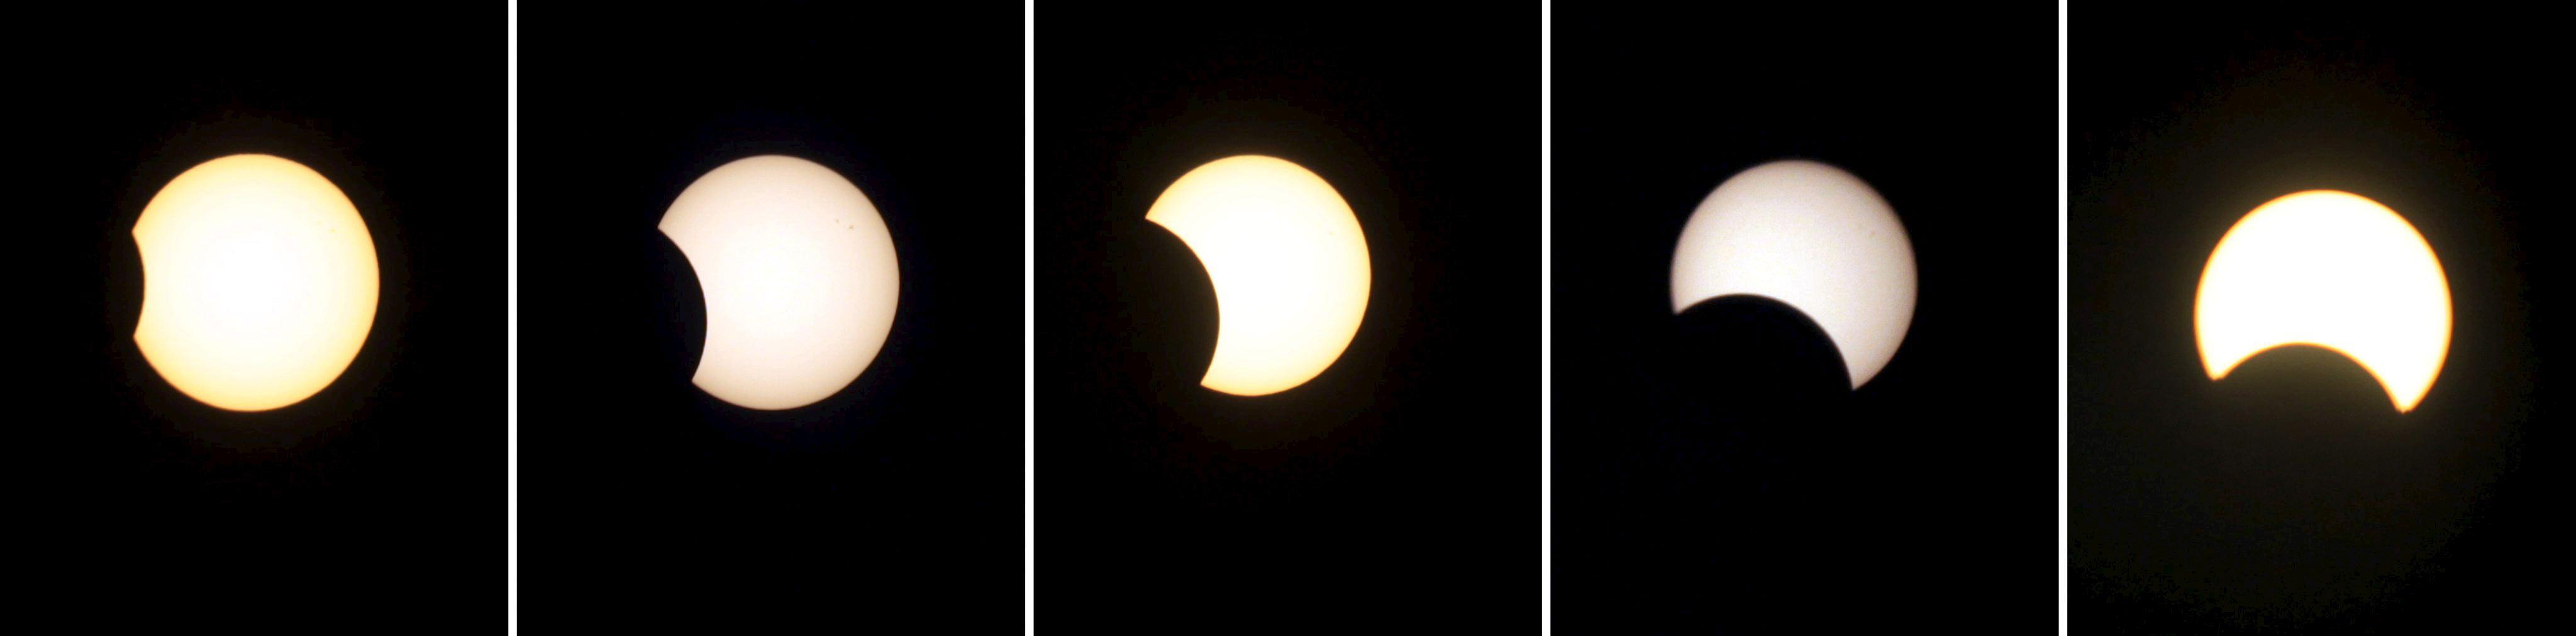 Combo fotográfico del eclipse anular de Sol más largo del milenio, en Jammu, la capital de invierno de la cachemira india.